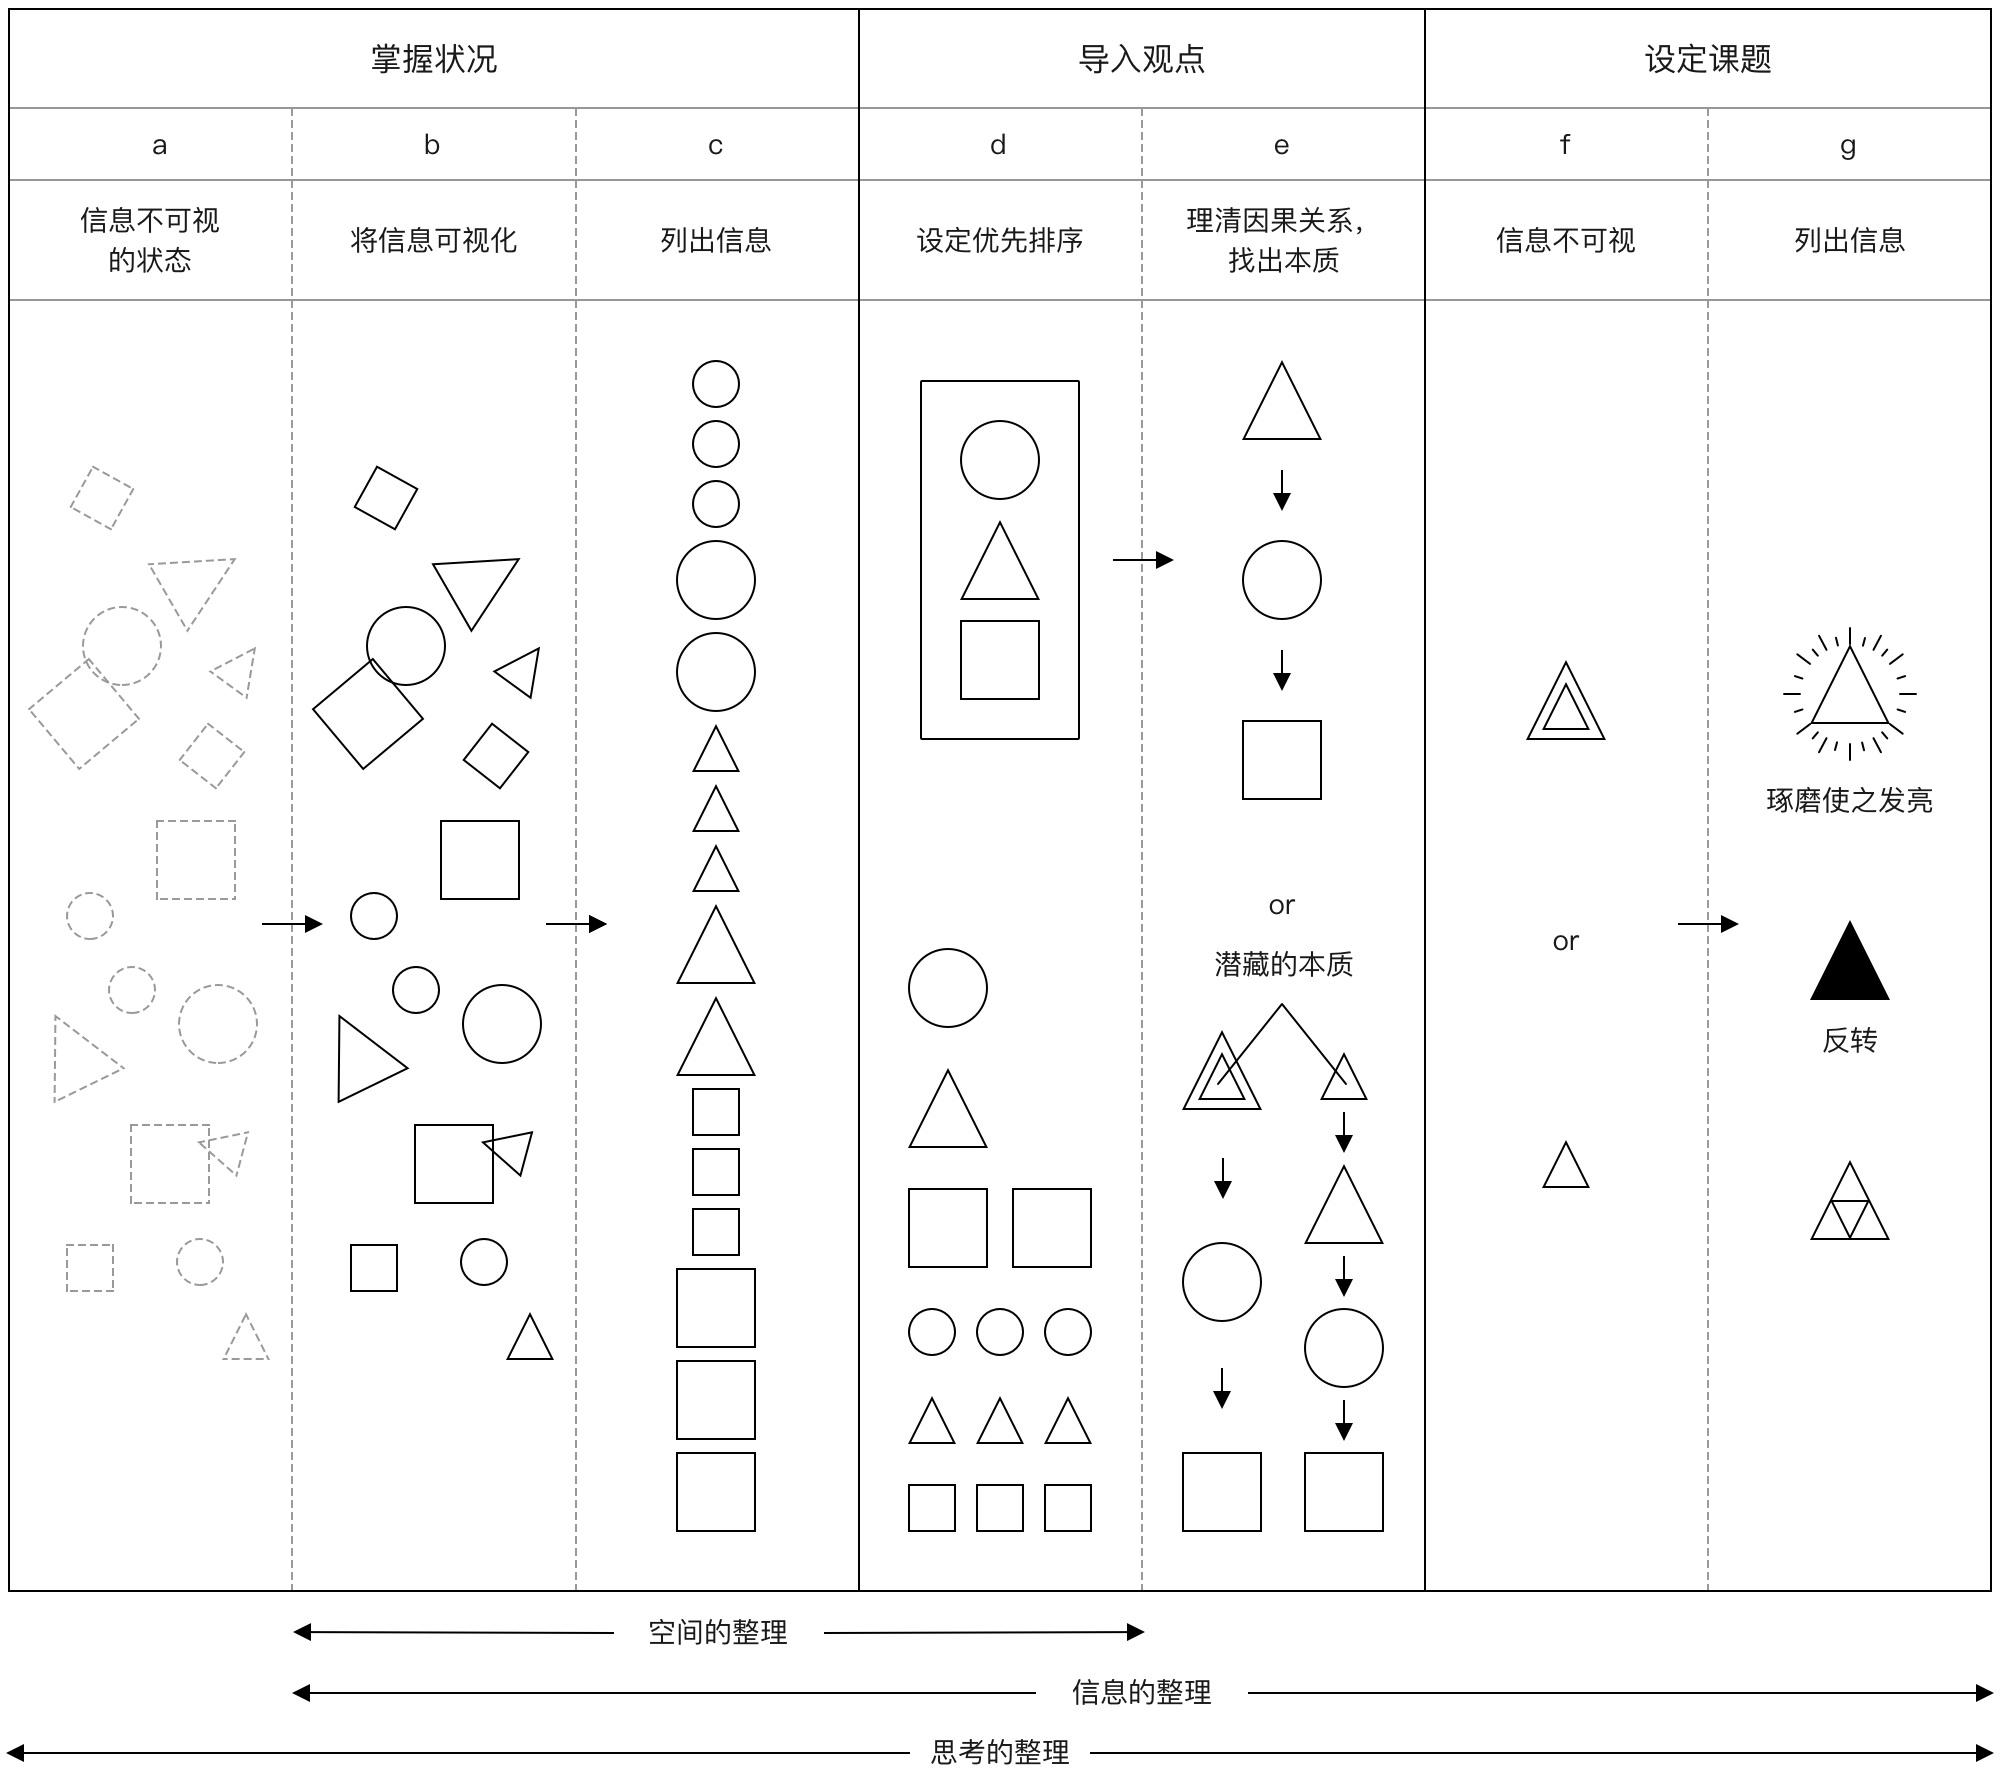 京东设计师:我用「整理术」整理B端设计思路(上)